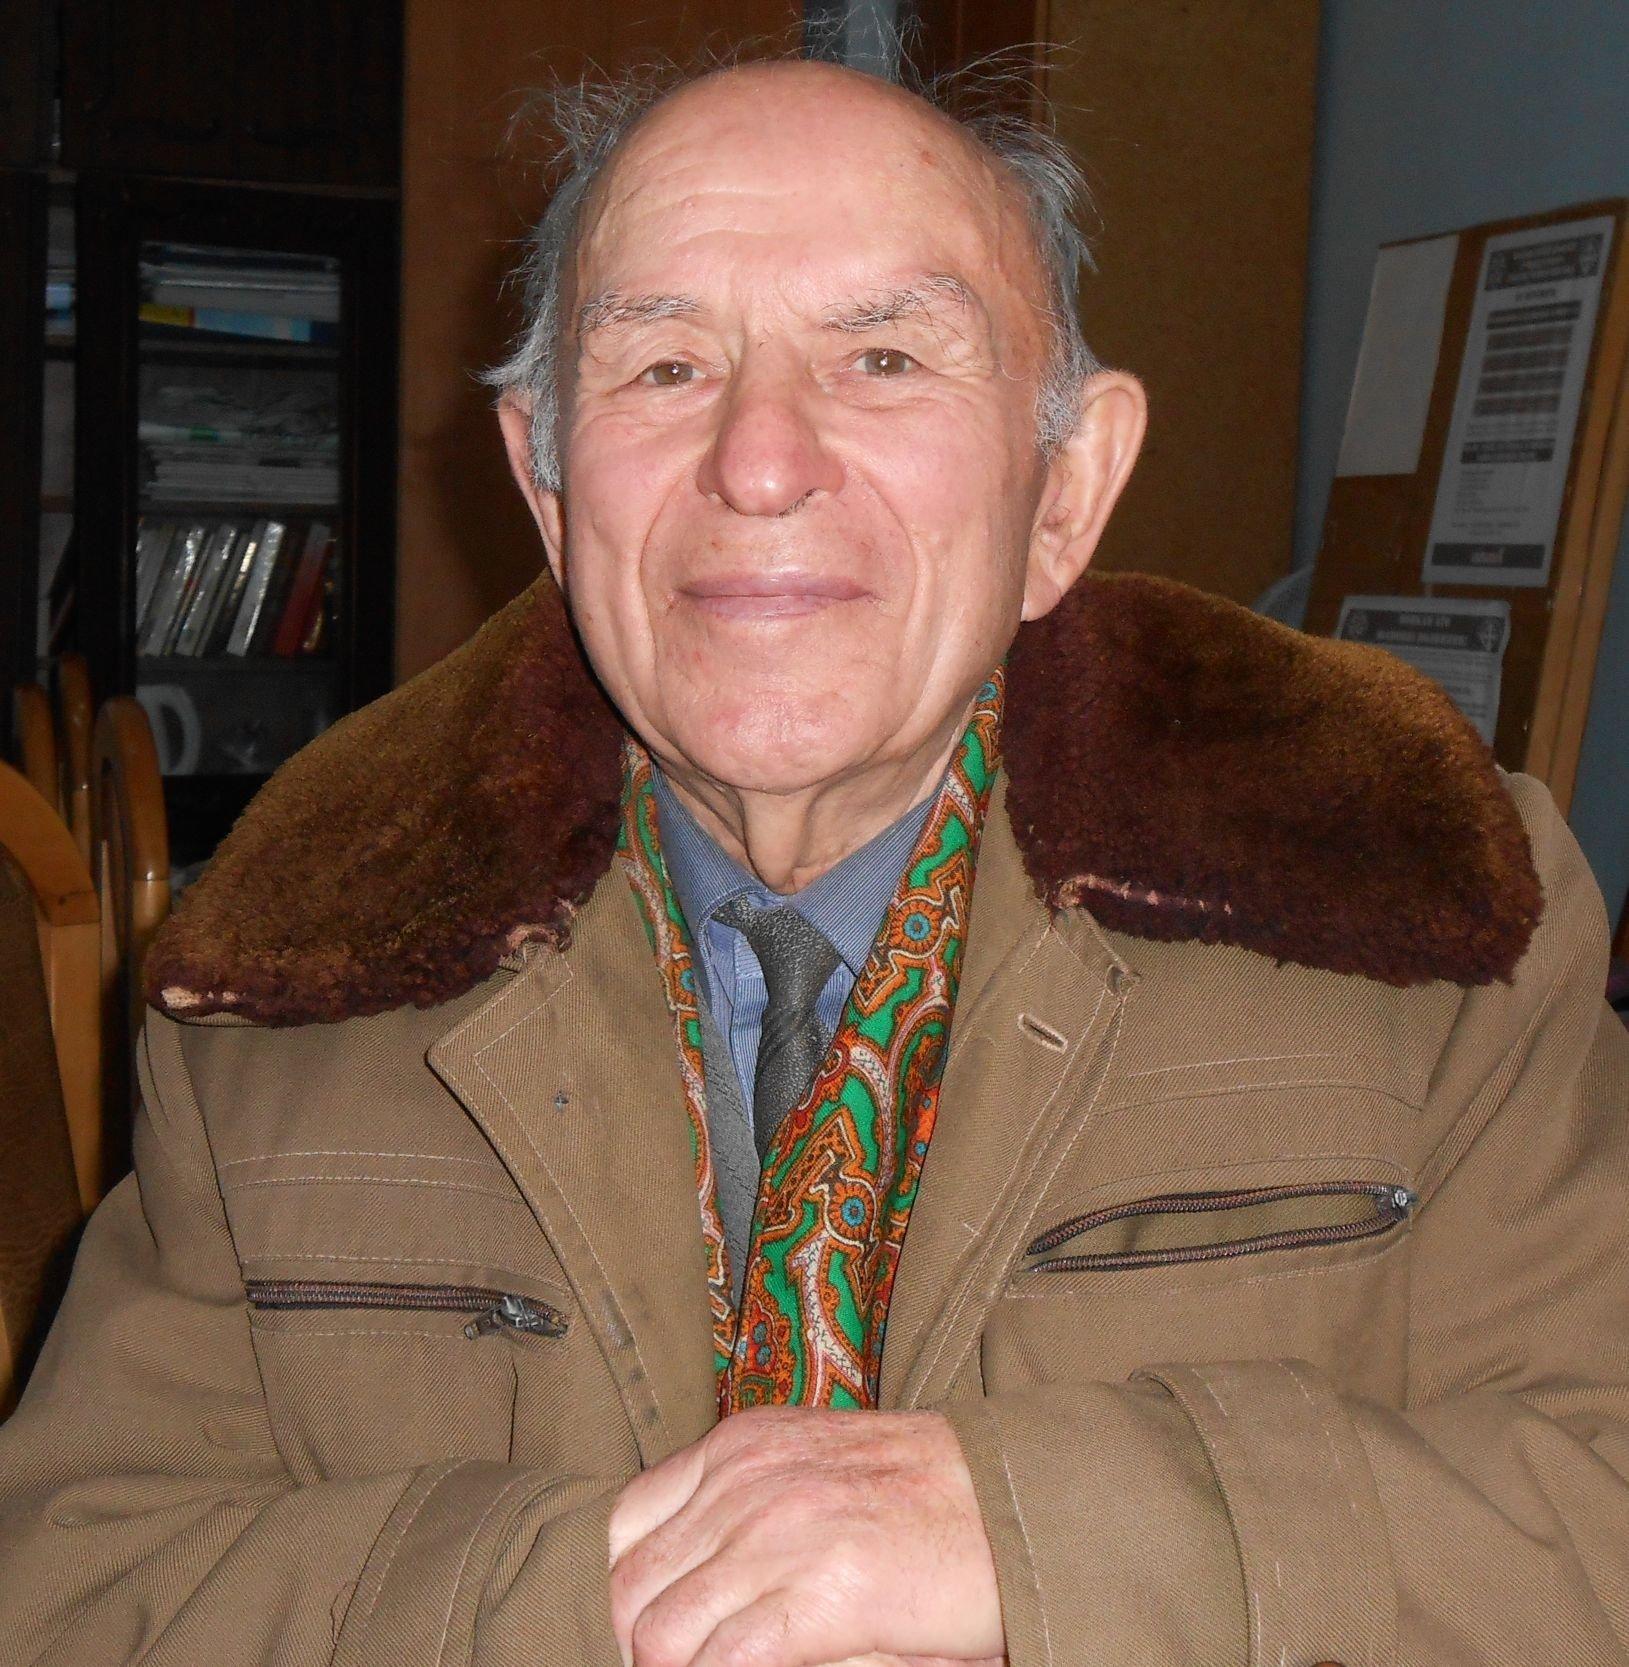 Царук Ярослав Васильович